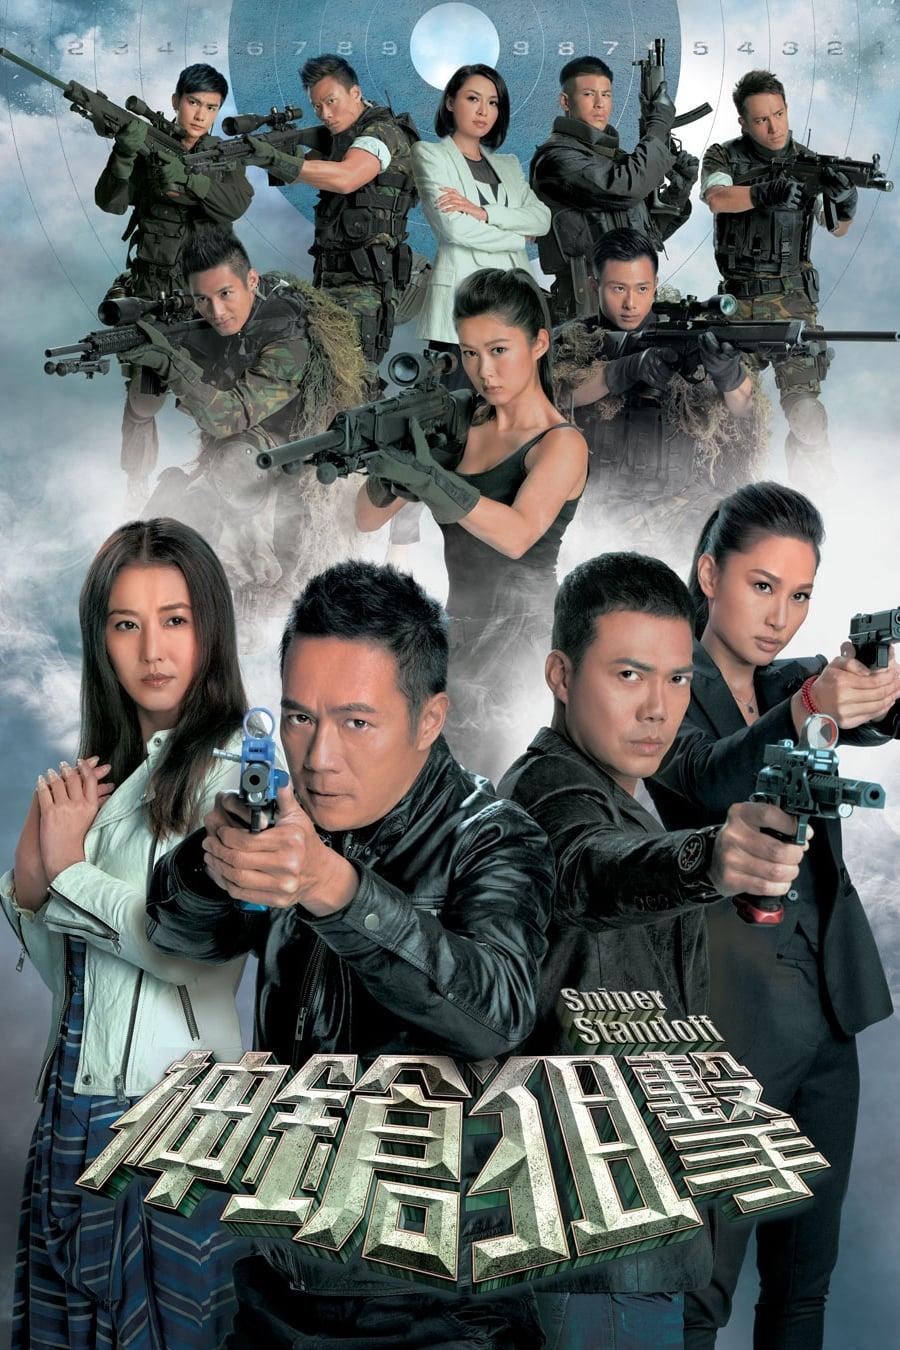 Sniper Standoff (2013)